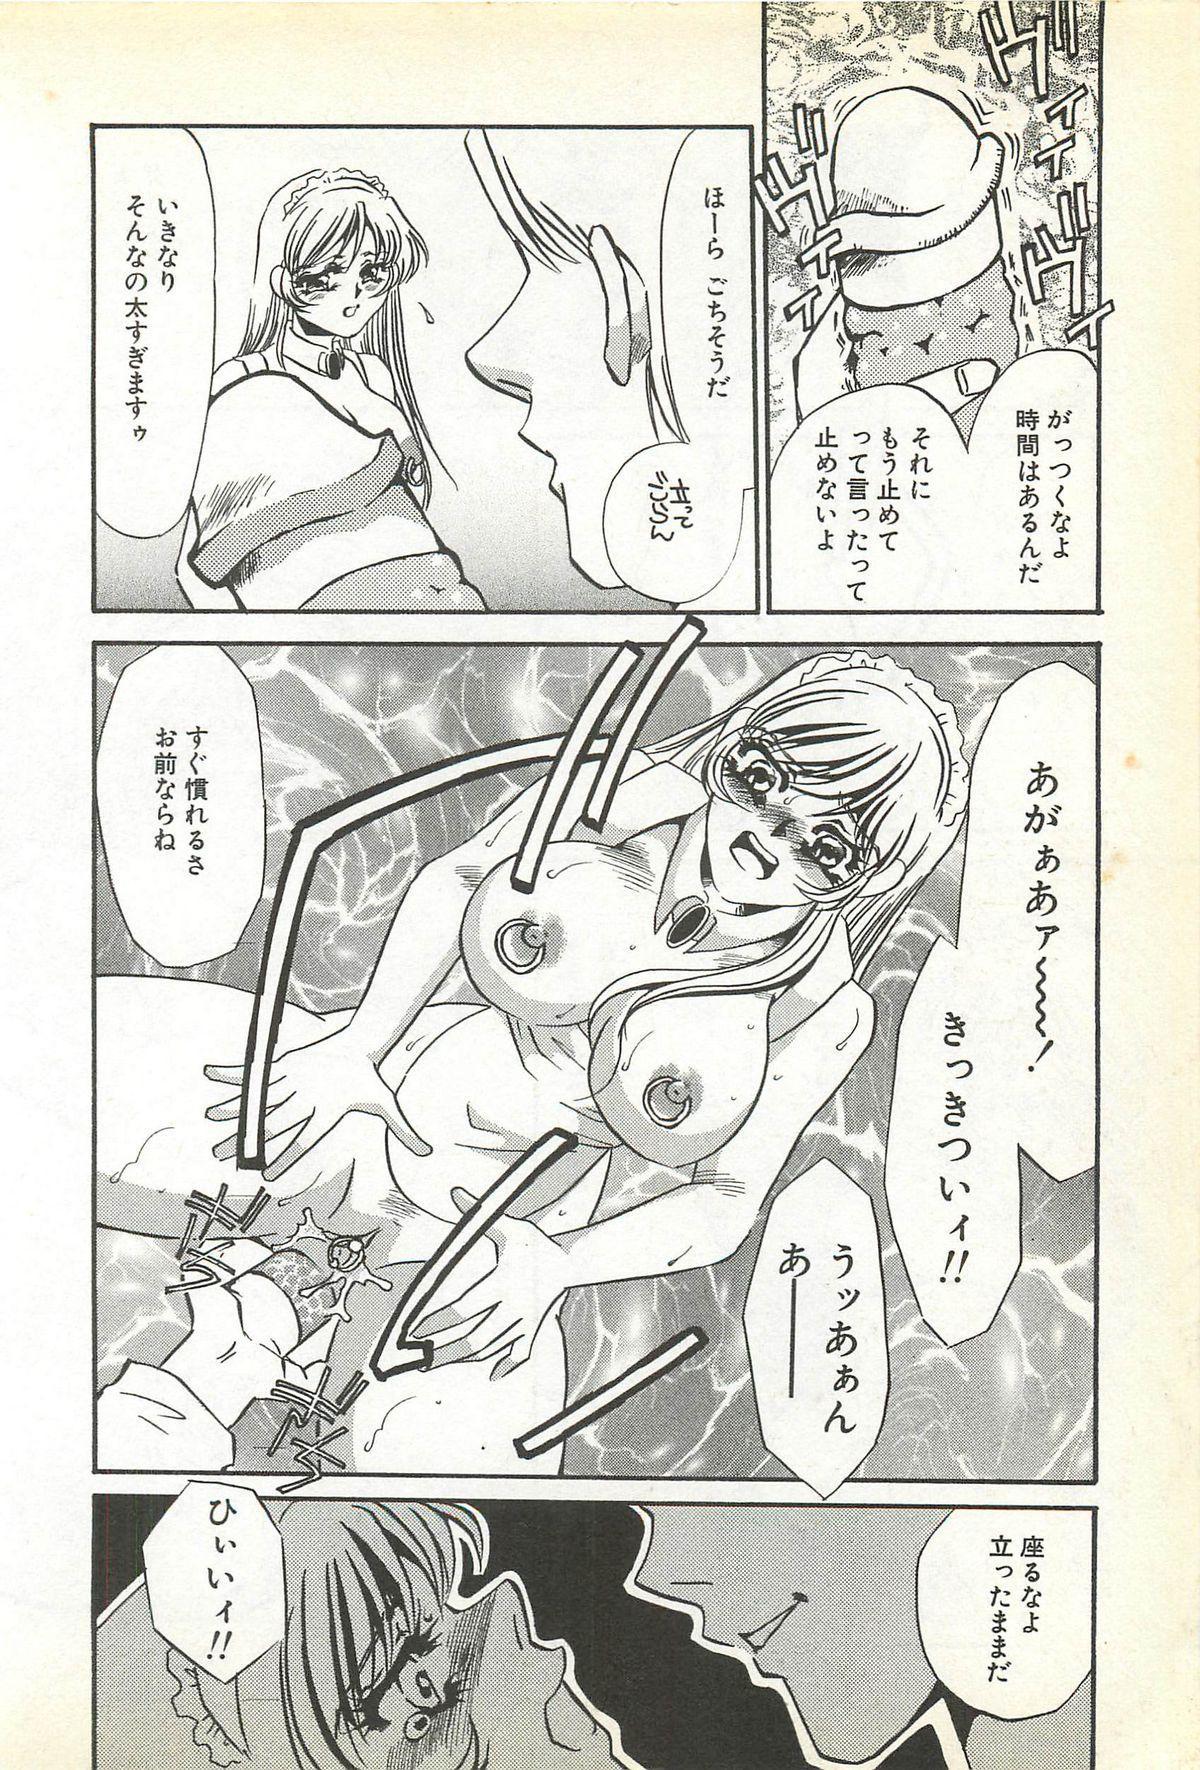 Chigyaku no Heya - A Shameful Punishment Room 153